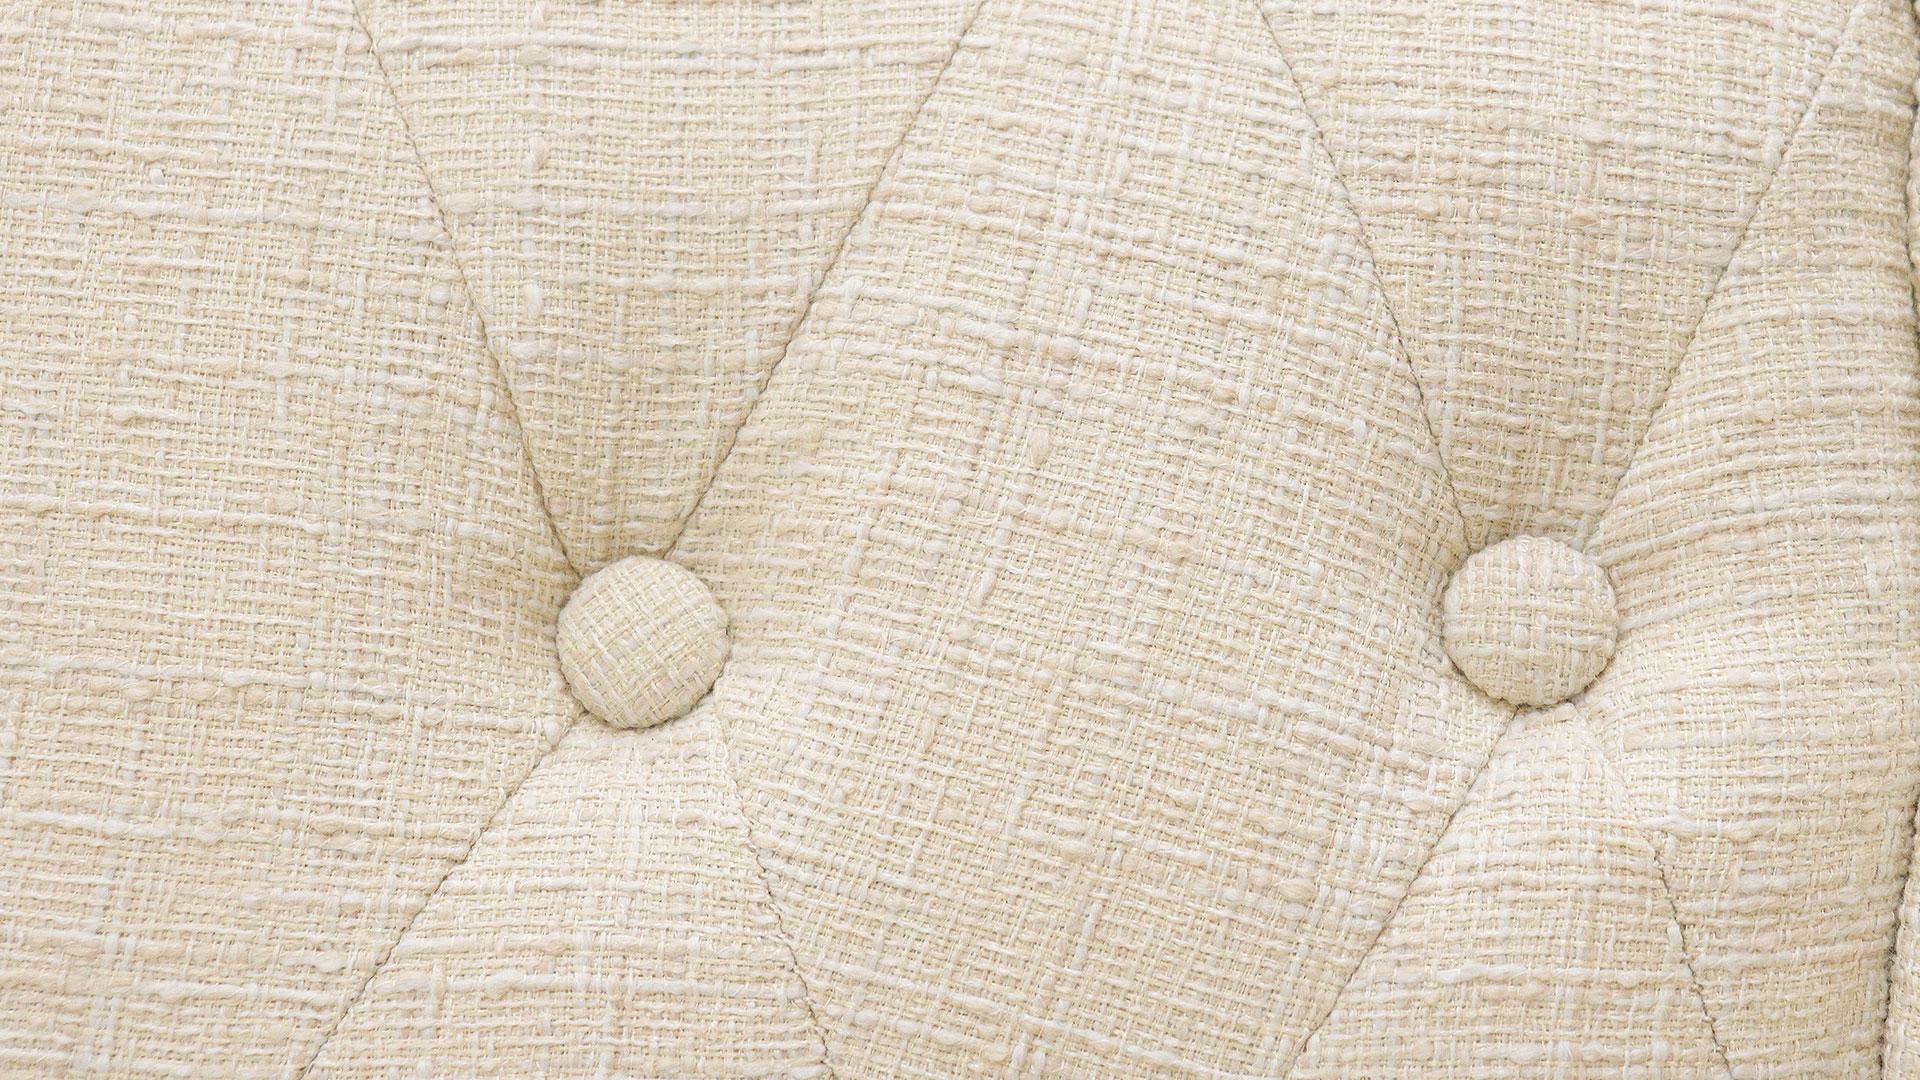 サンコウのカラーバリエーションが豊富な横幅120㎝の小さい二人掛けのソファ、プチのボタン留めの画像